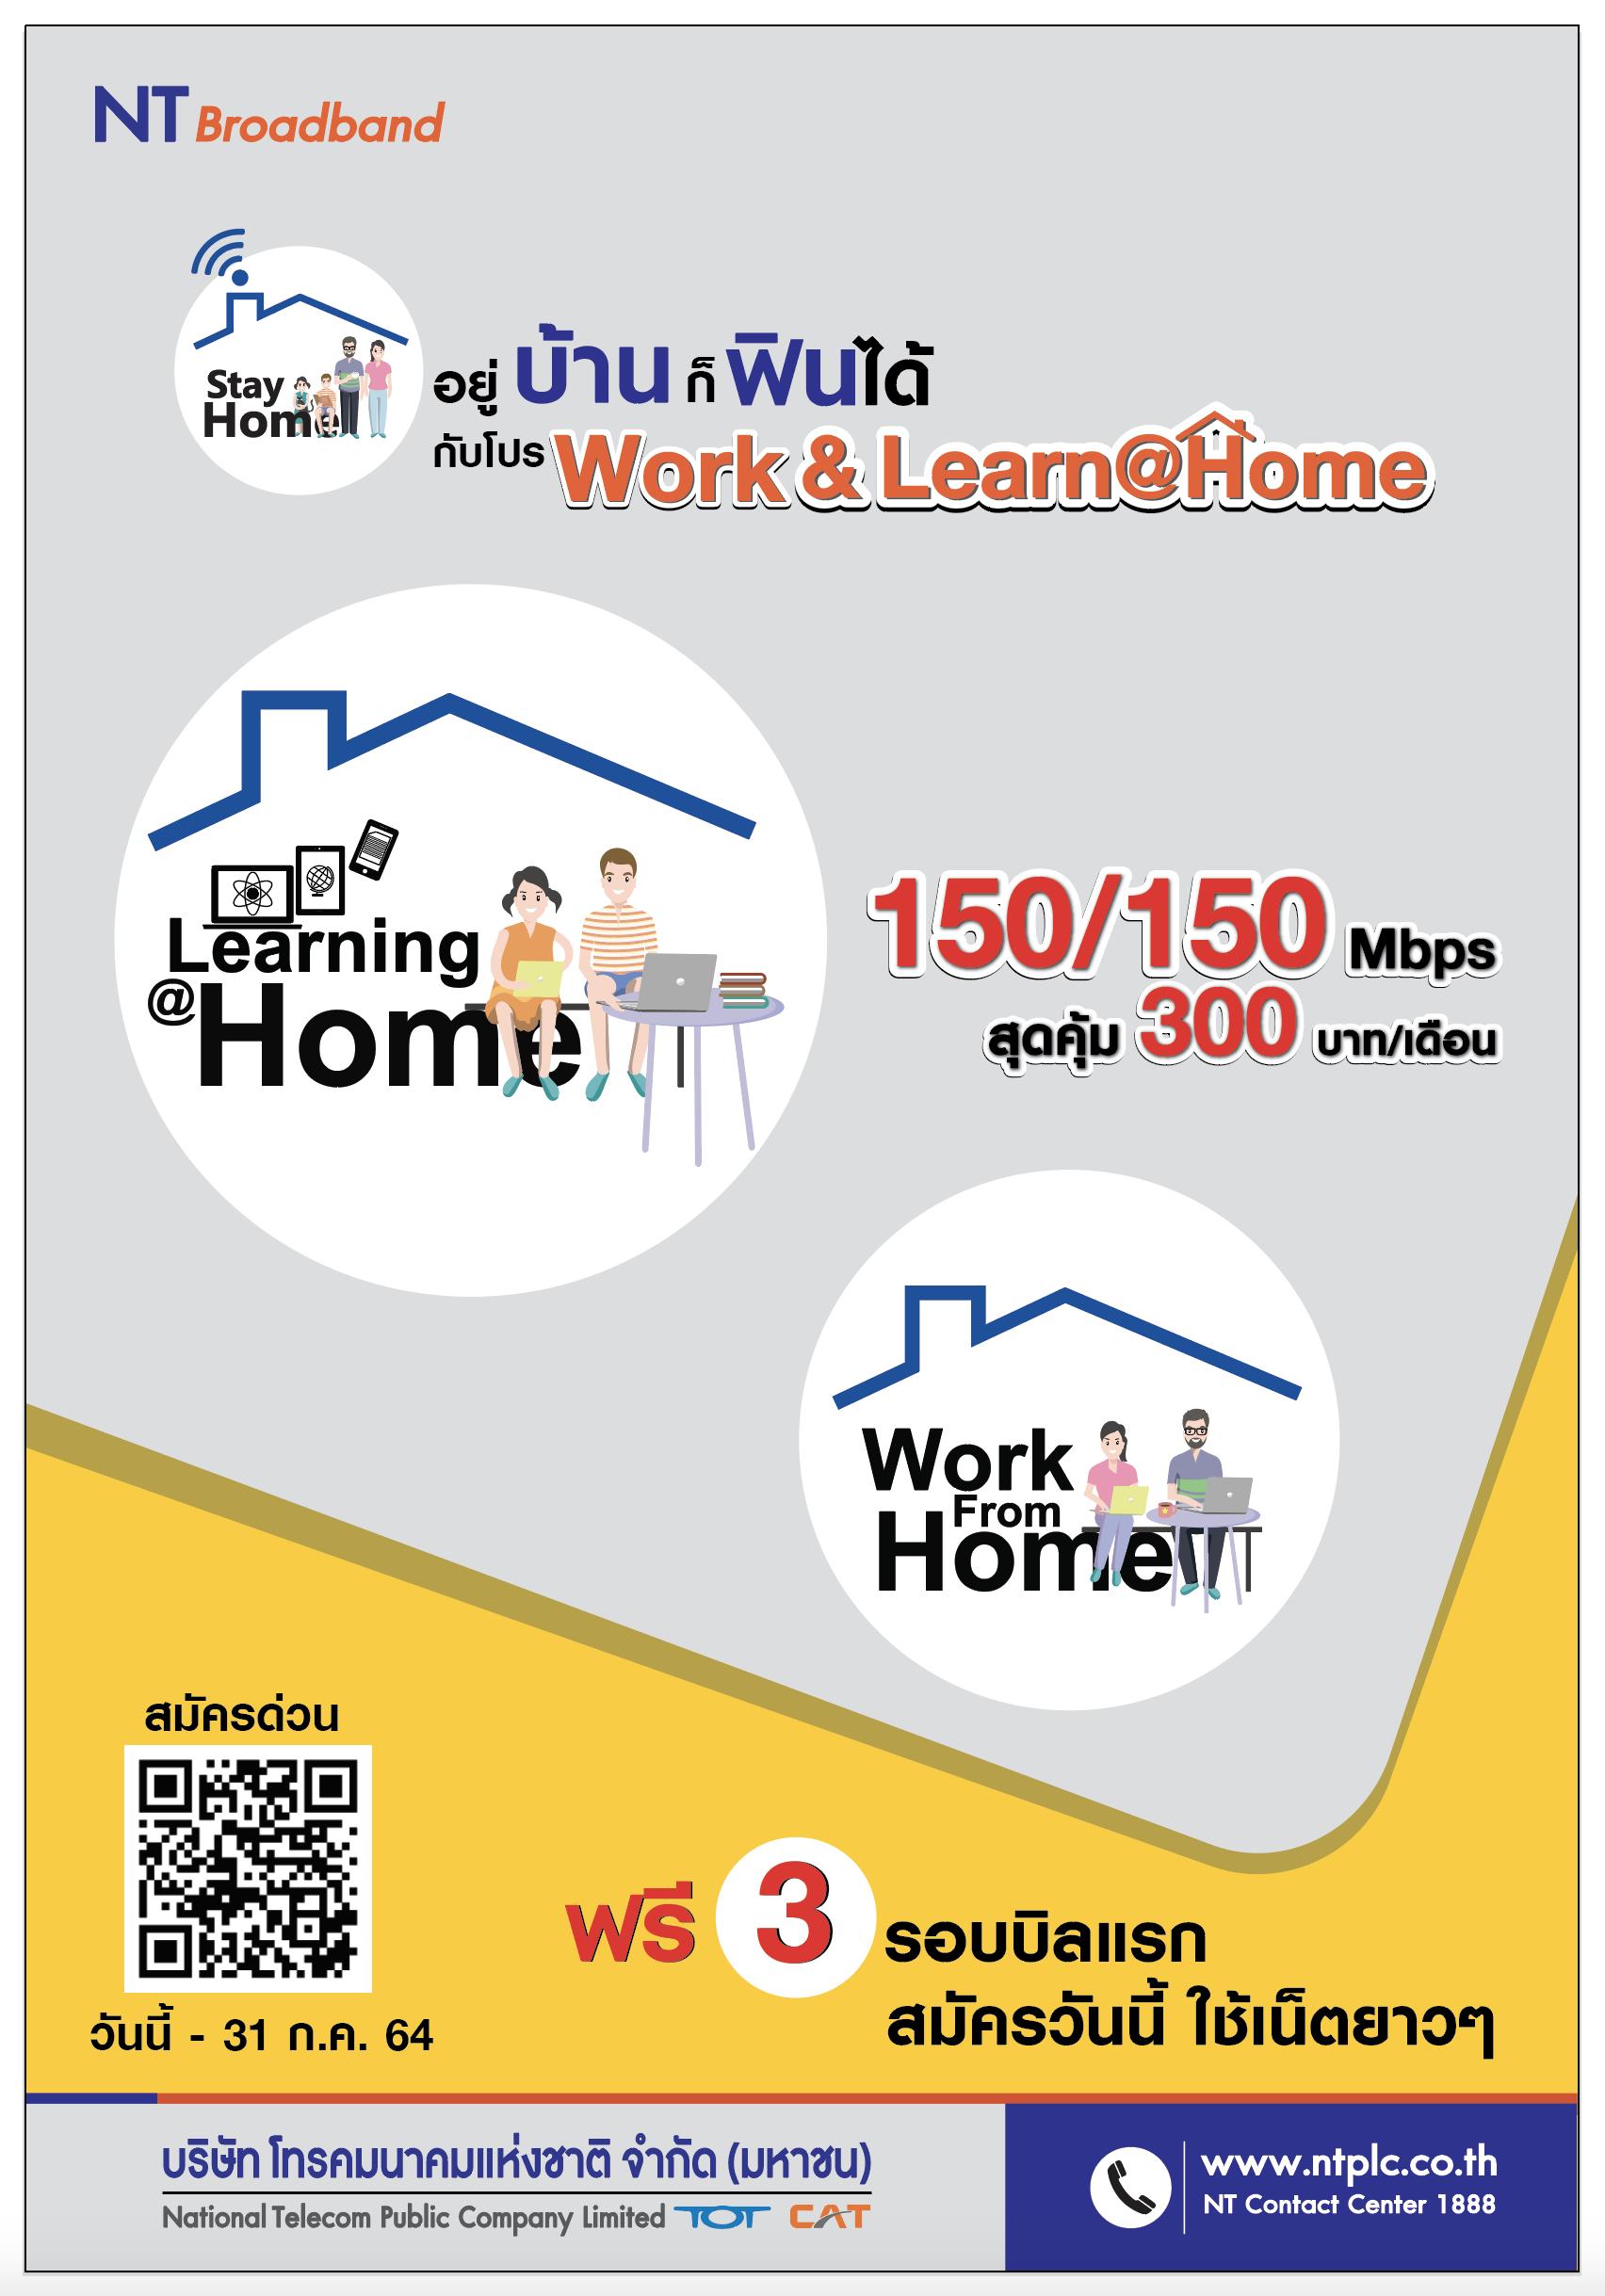 โปรเน็ตบ้านจาก NT Work & Learn @Home พฤษภาคม 2564